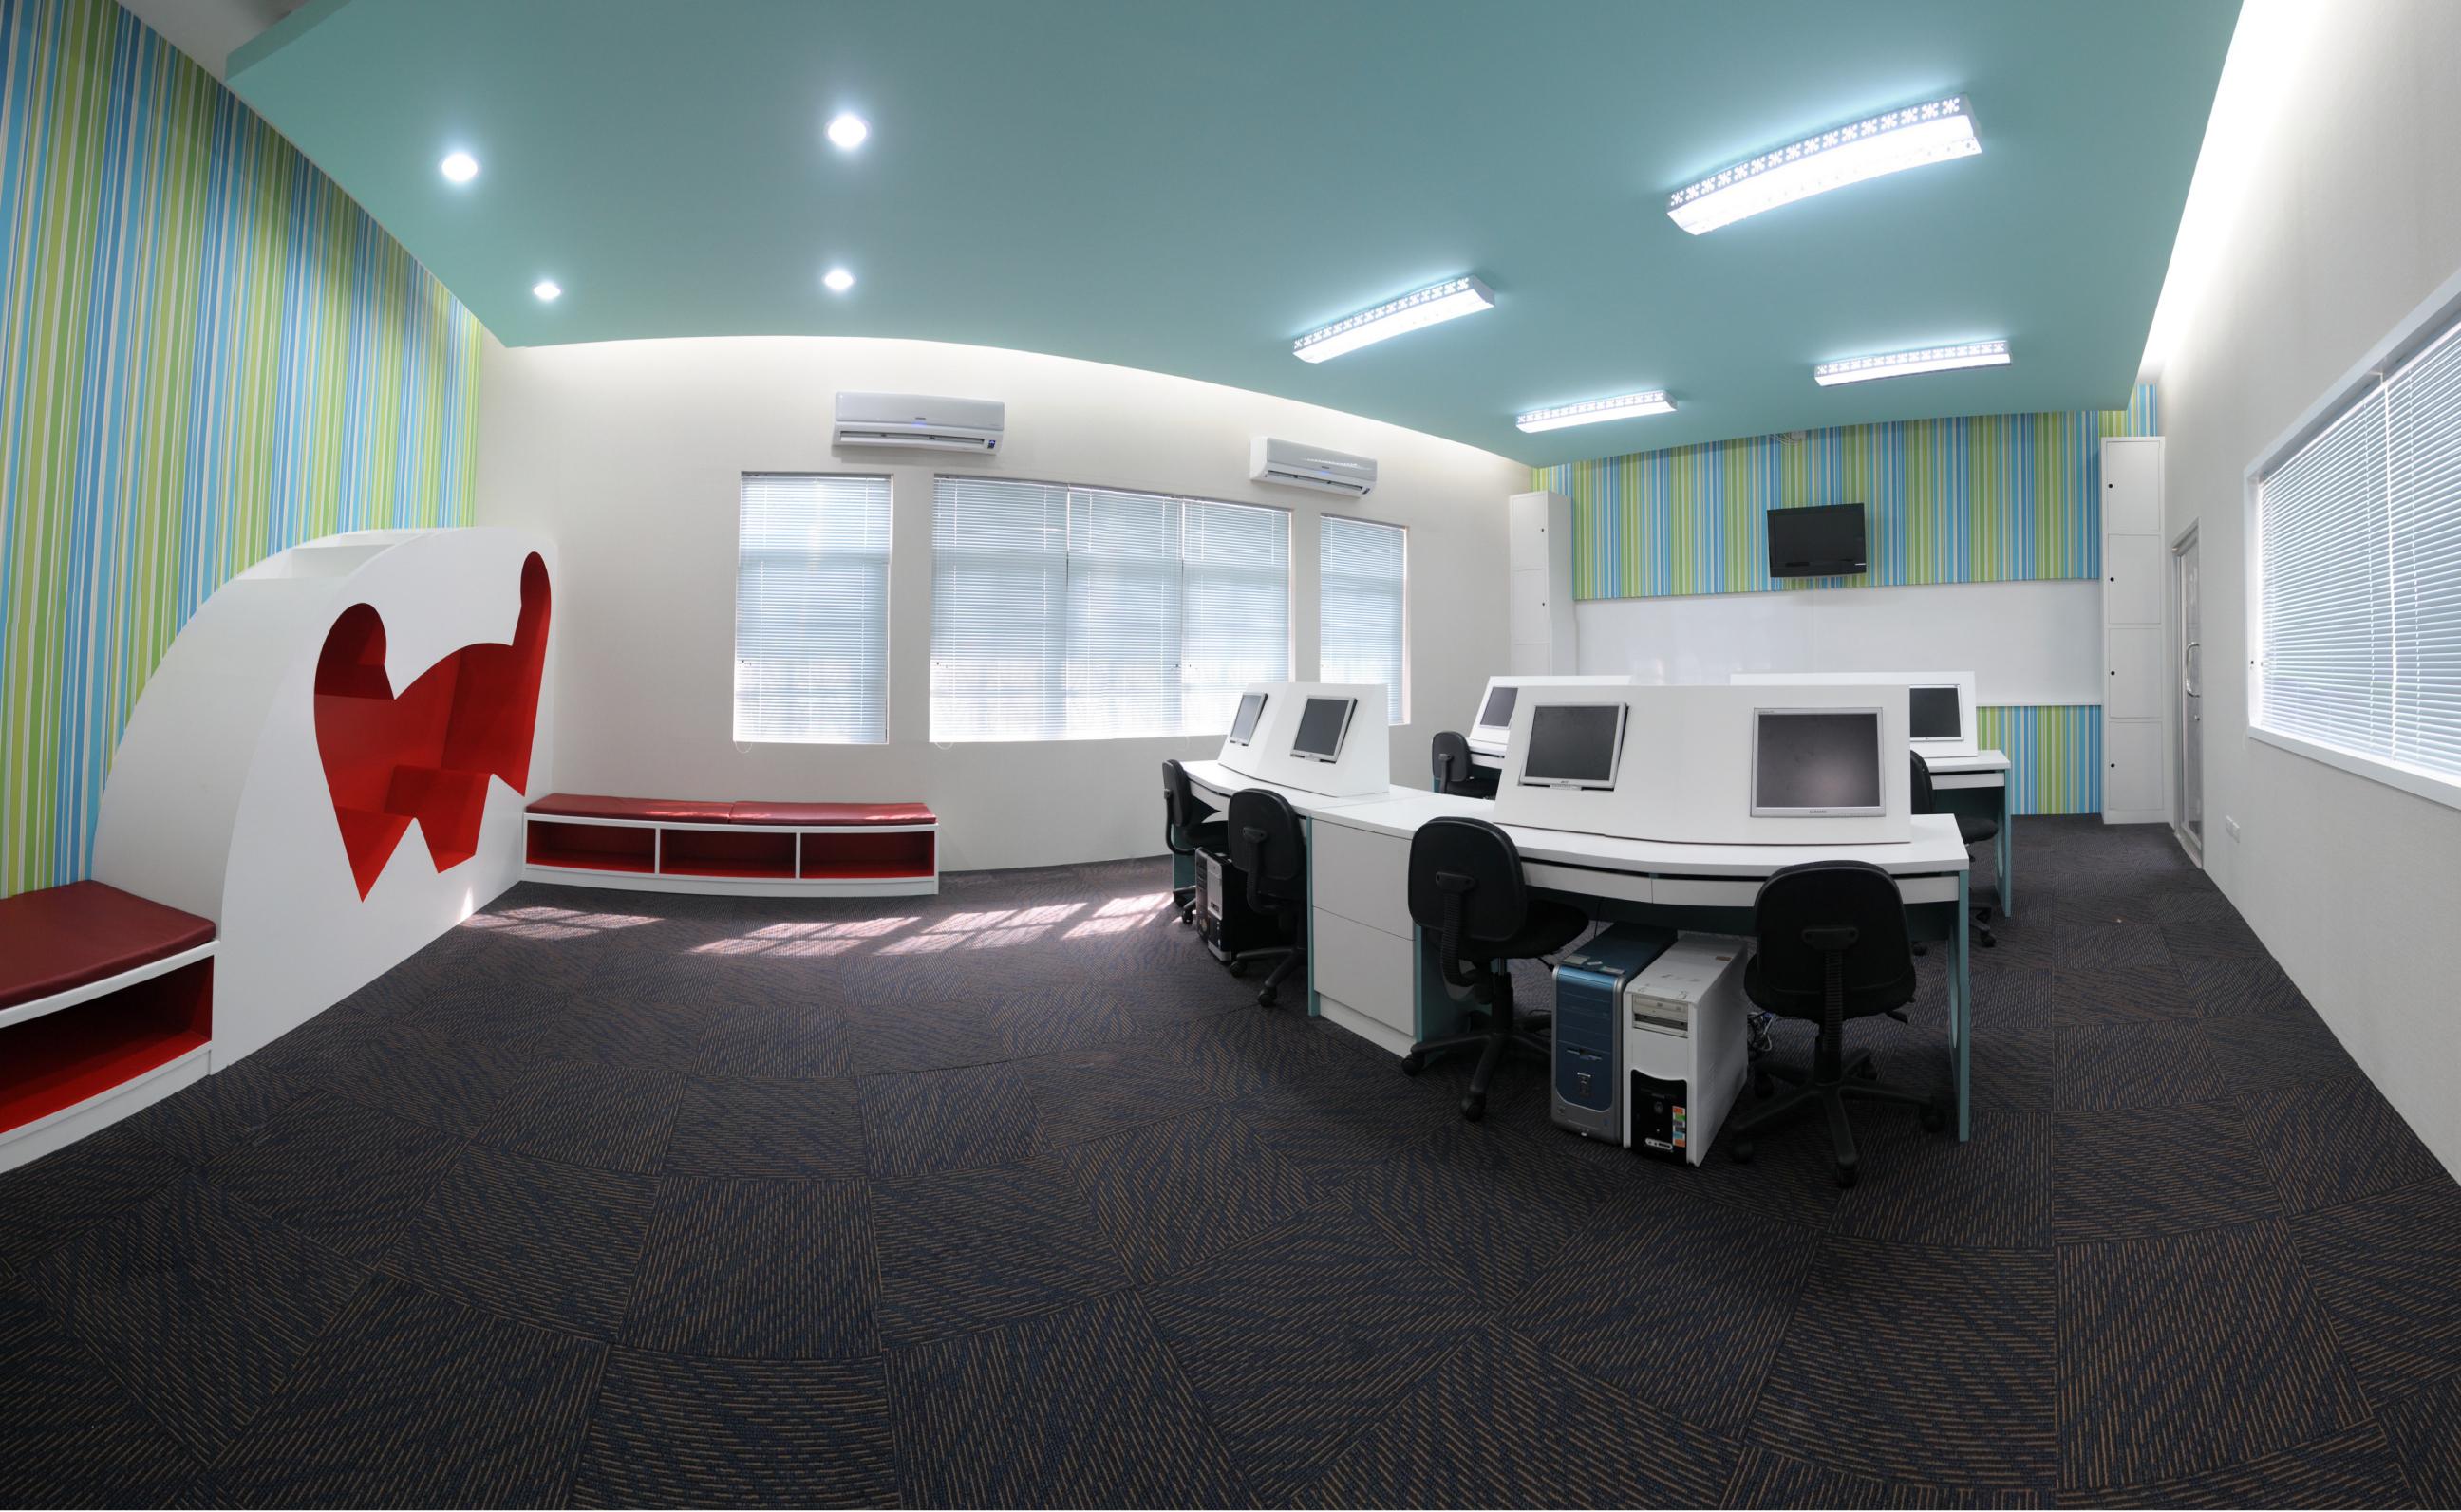 โรงเรียนวัดลาดสิงห์ สุพรรณบุรี